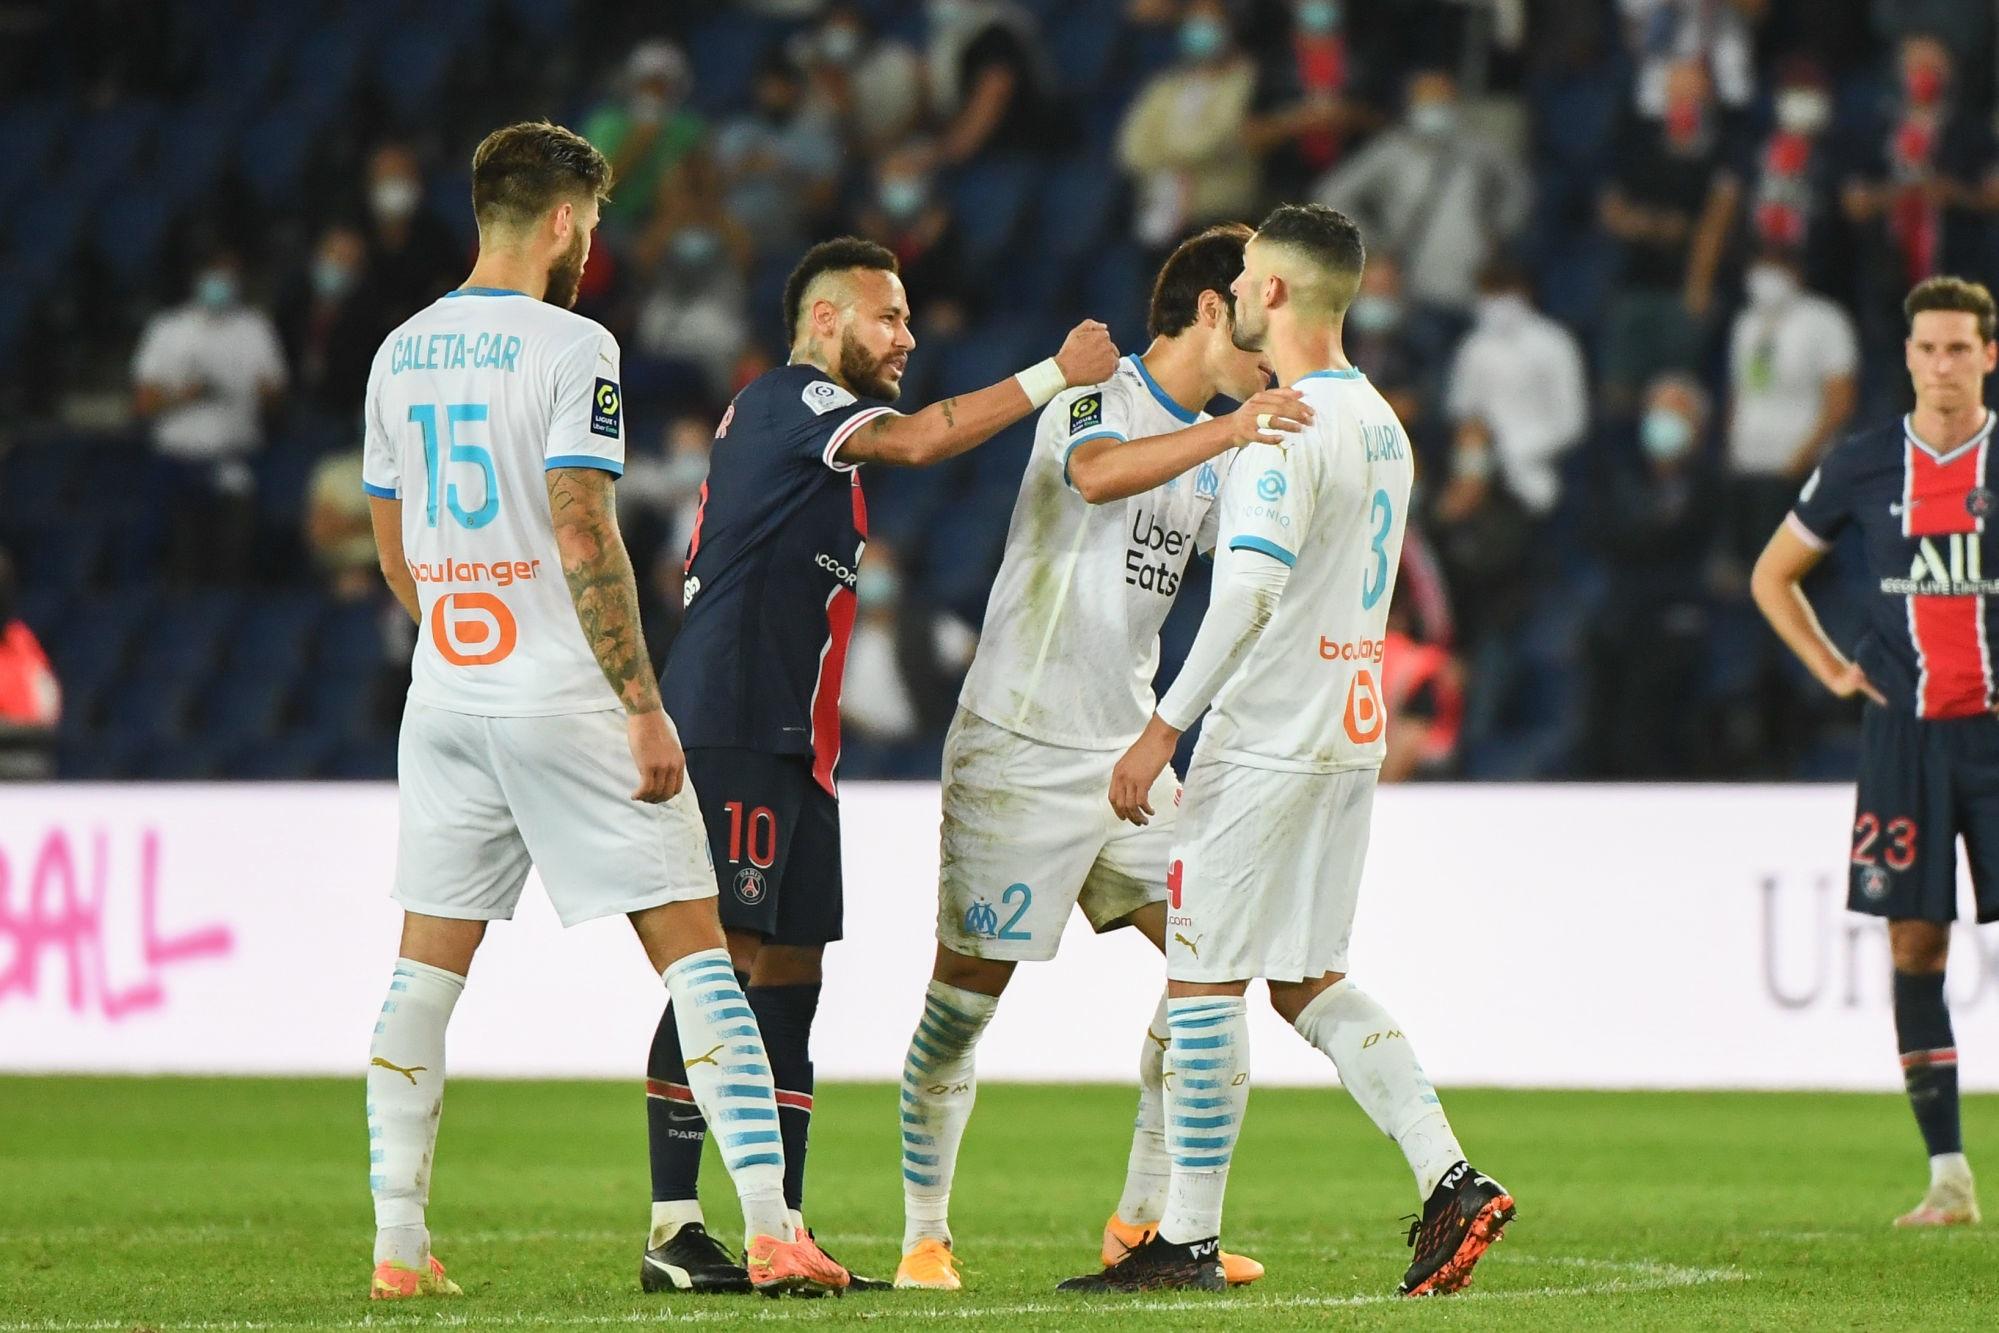 Téléfoot n'a pas d'image pour appuyer l'accusation de Neymar à l'encontre d'Alavaro Gonzalez